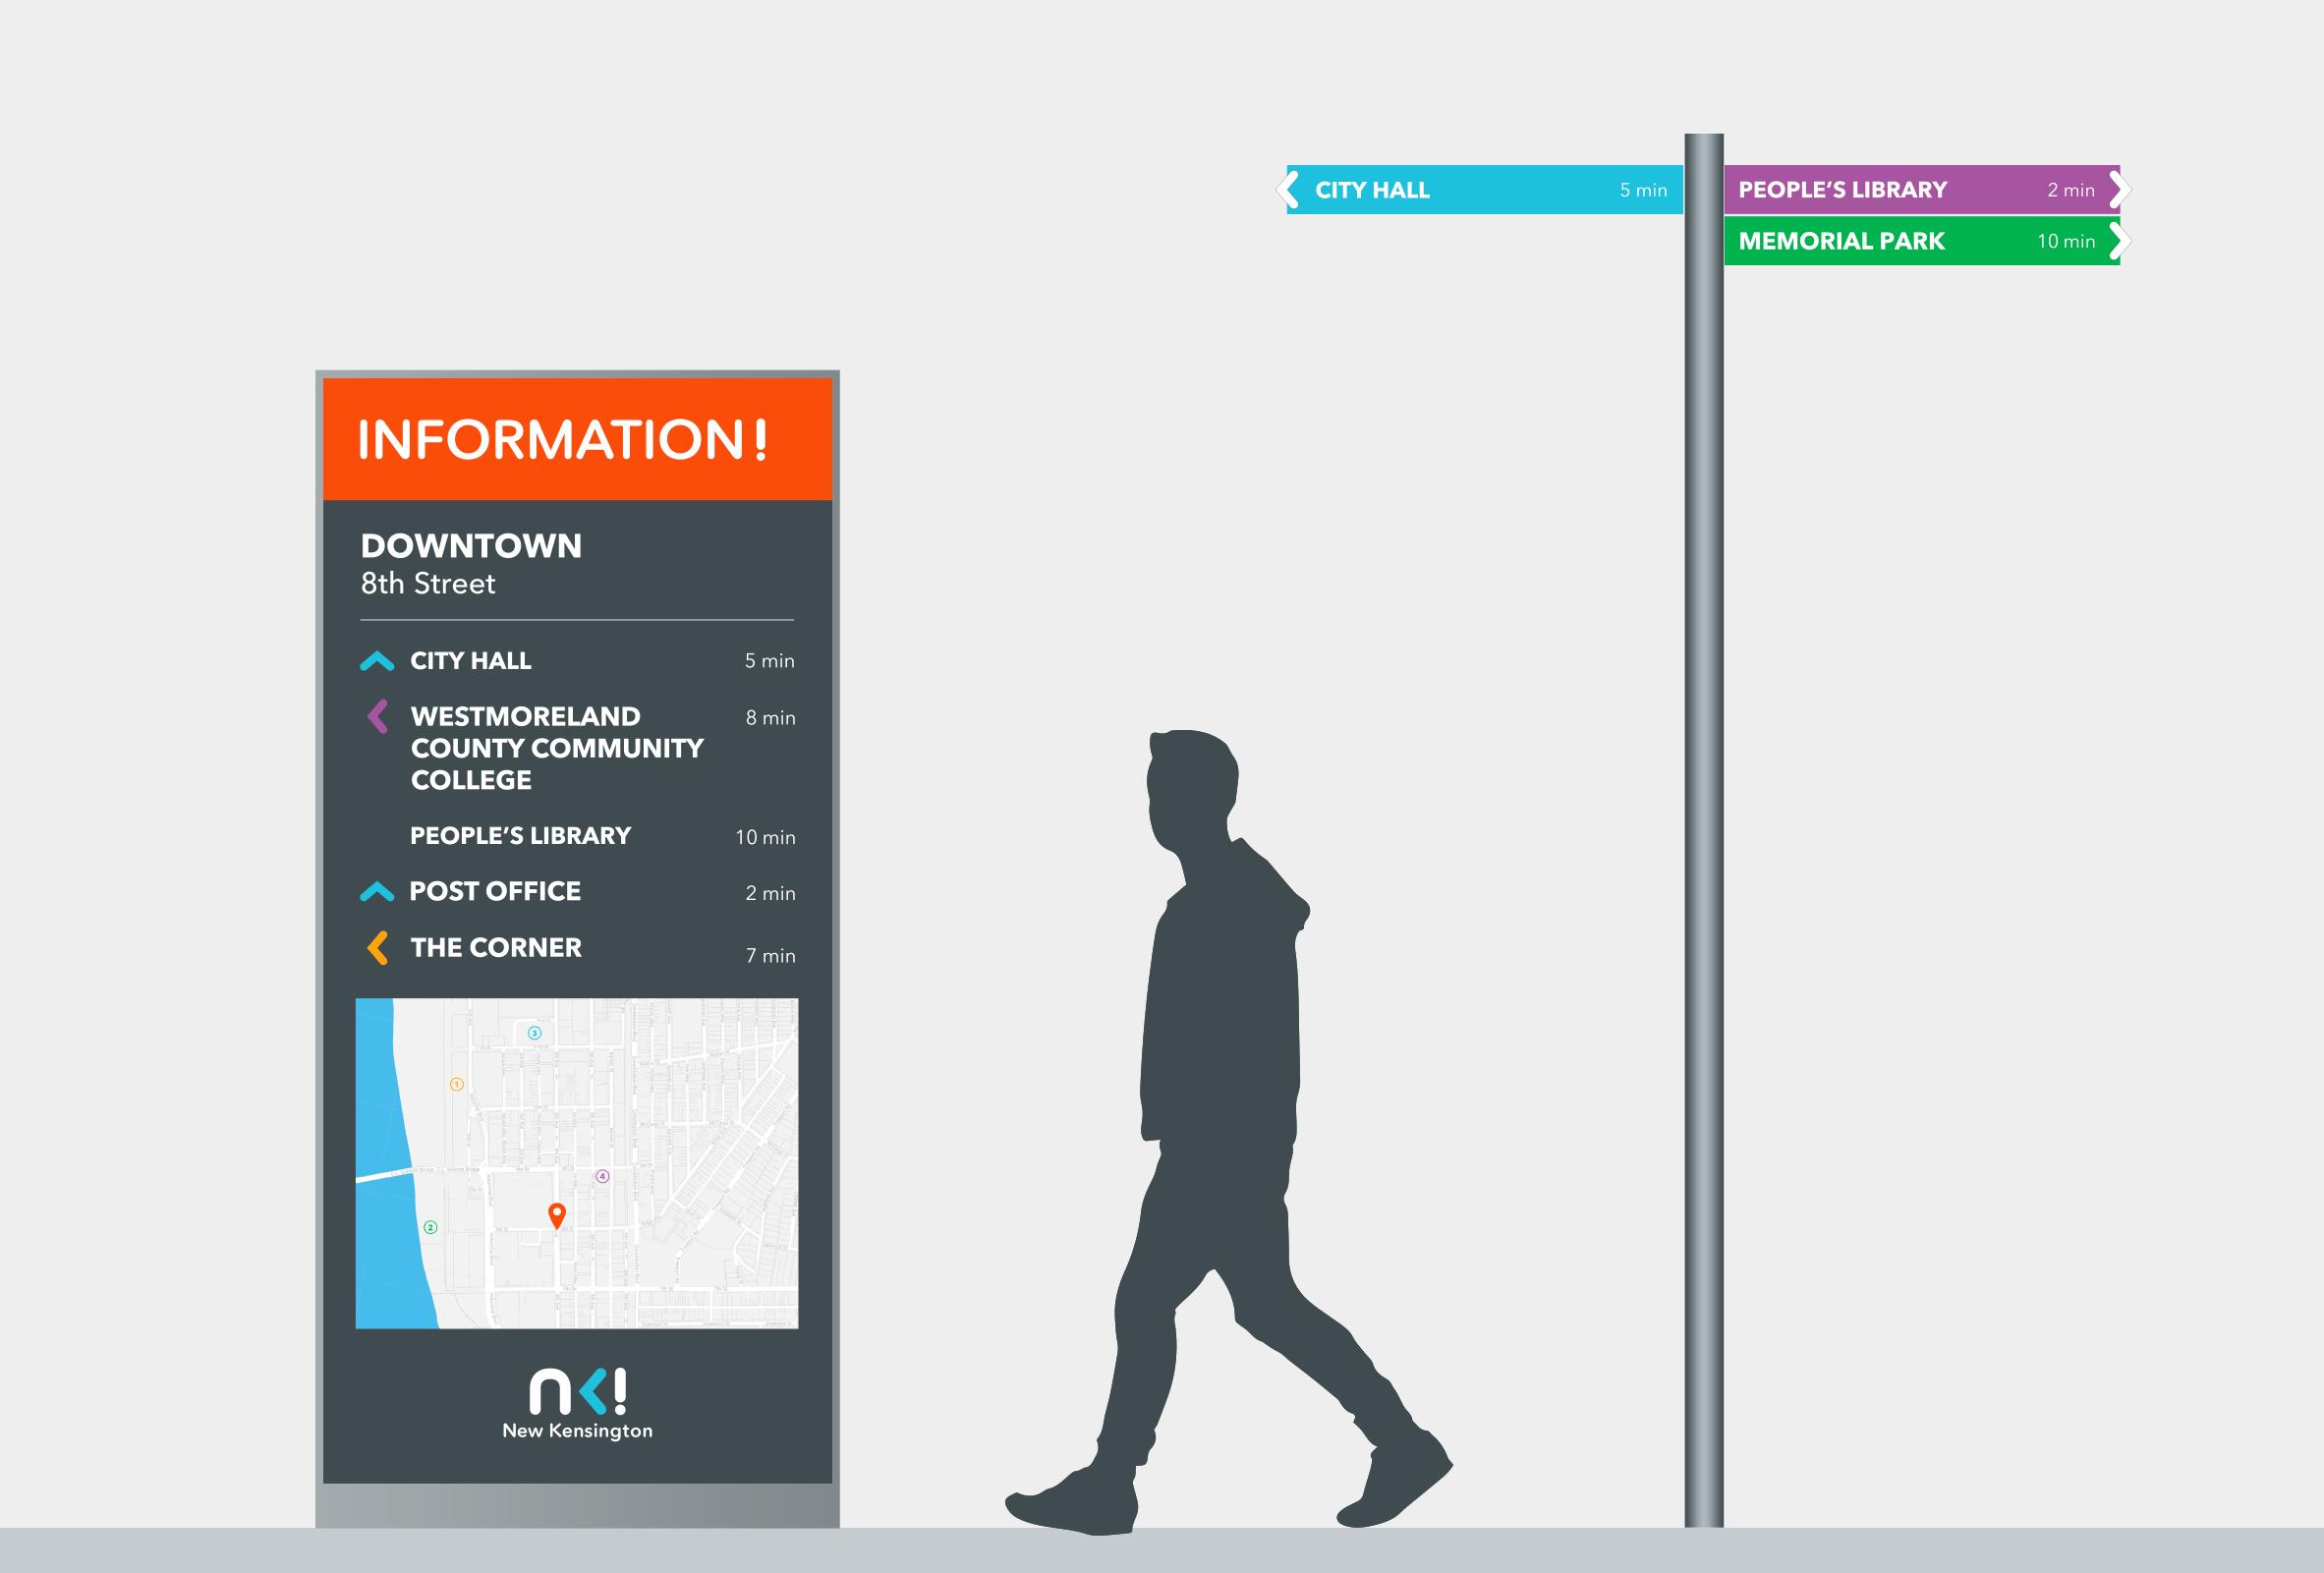 NewKen_WayfindingSign_Concept1.jpg